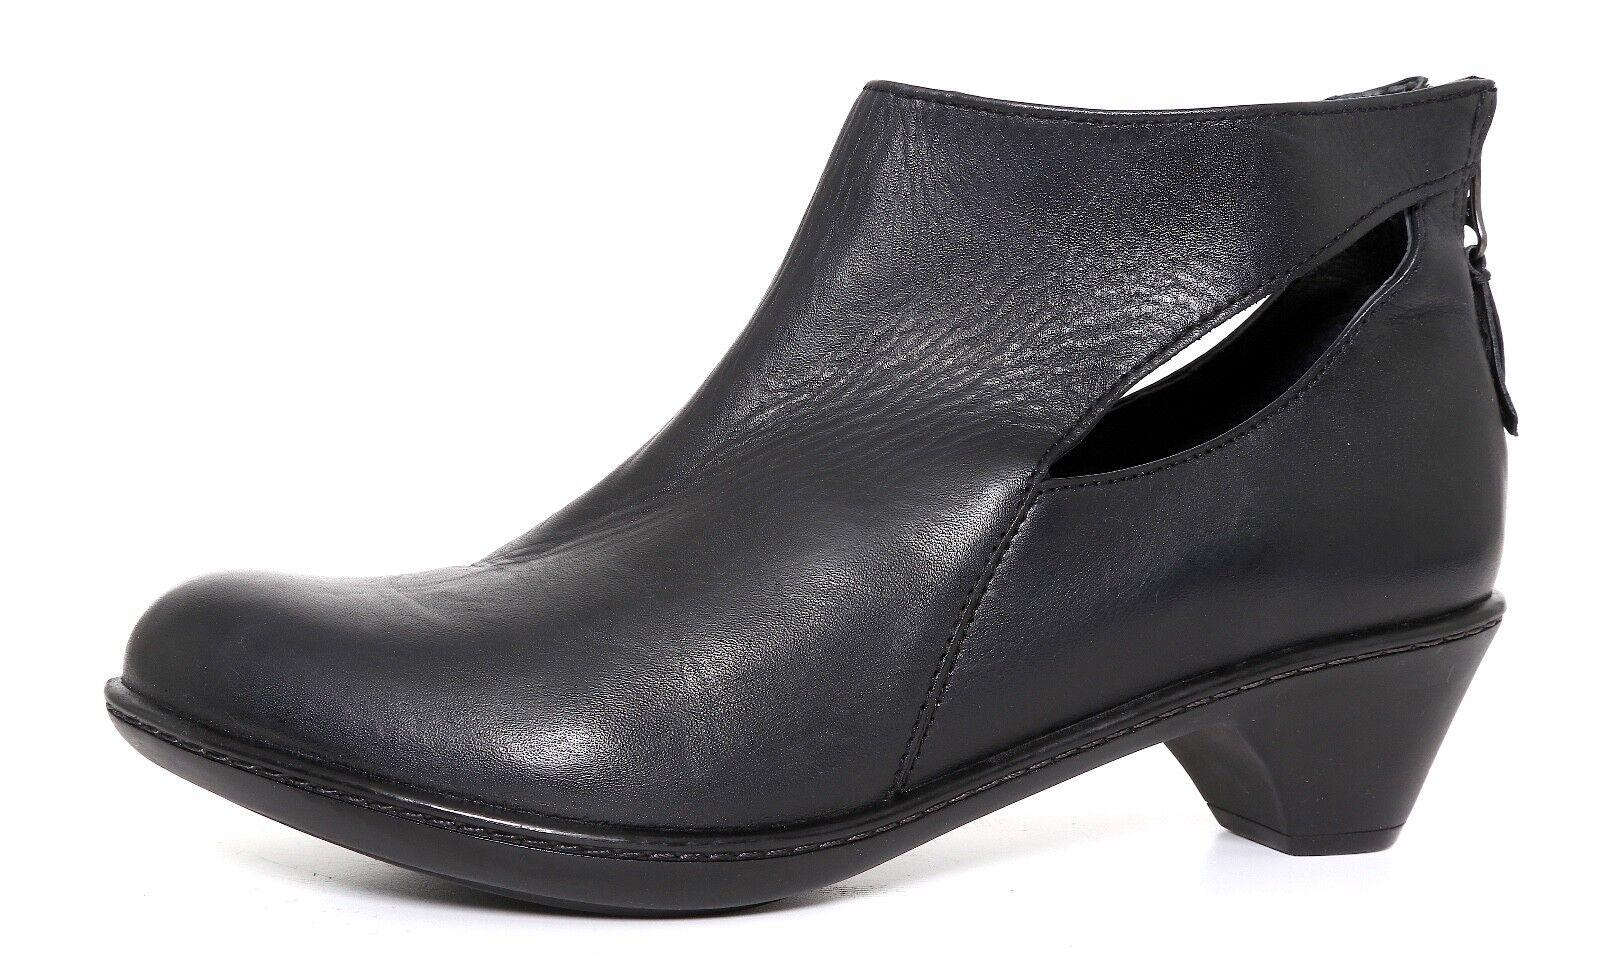 autorizzazione ufficiale Dansko Bonita Leather avvio nero nero nero donna Sz 38 EUR 1050  qualità autentica